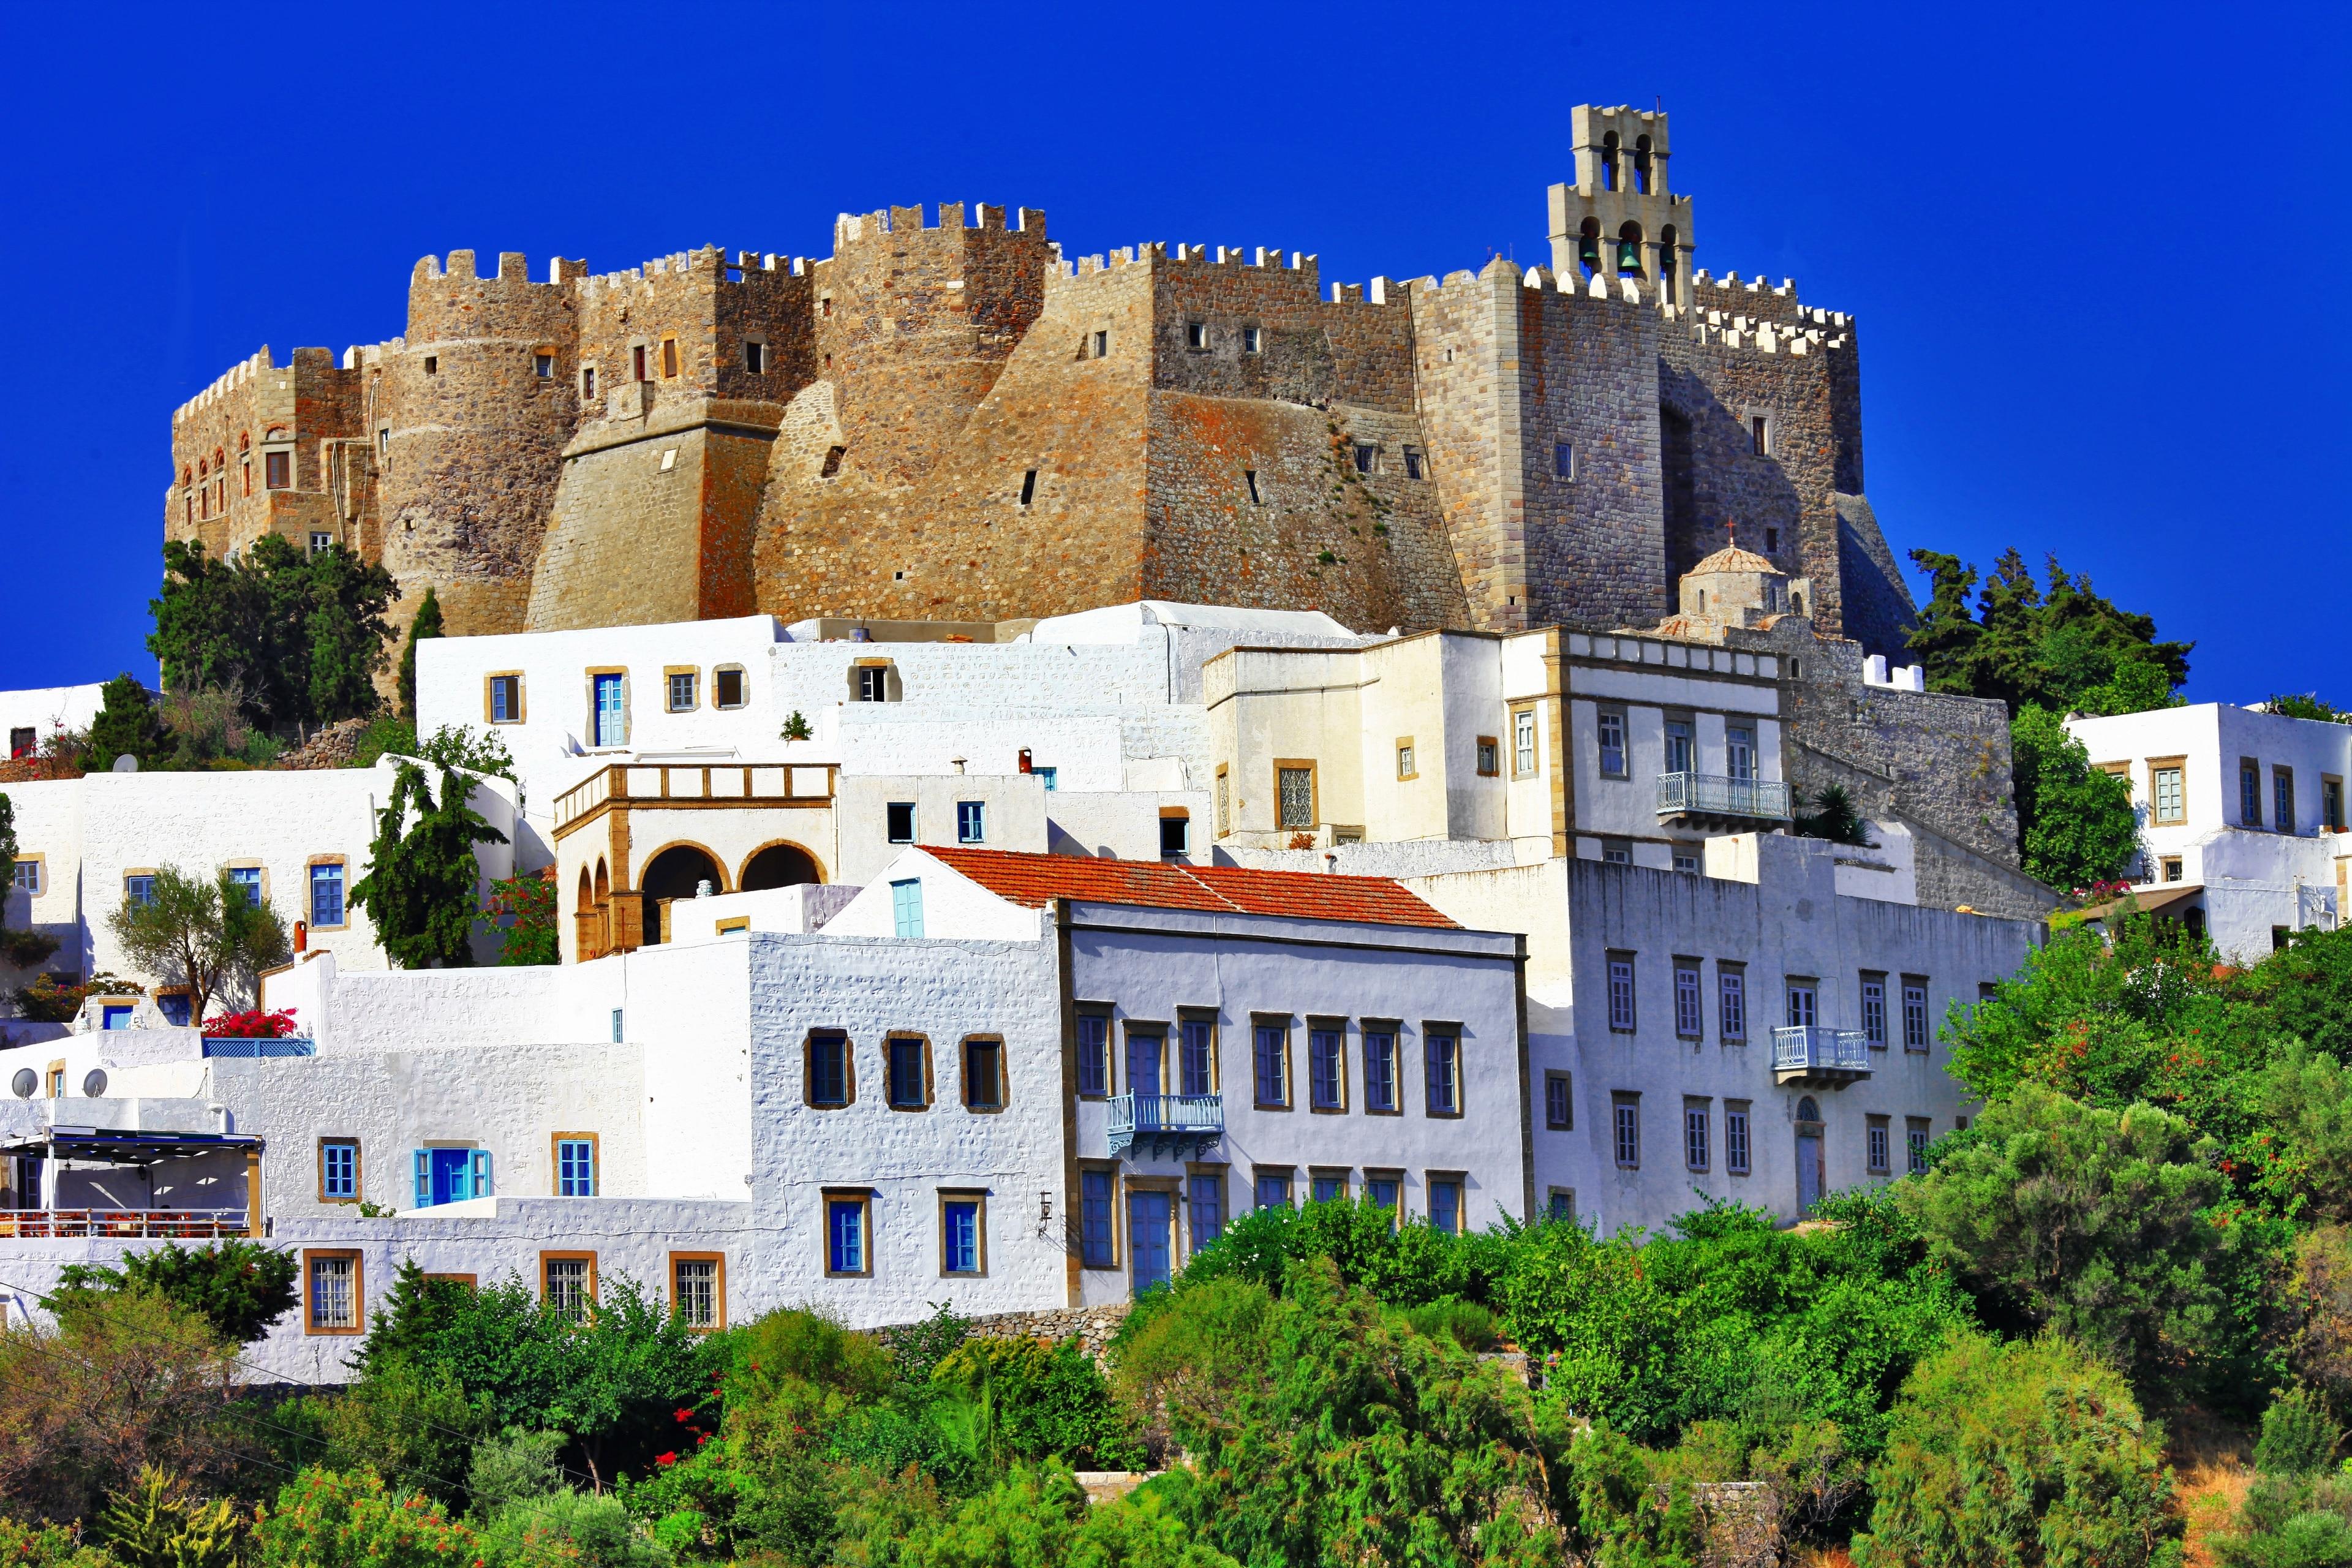 Klooster van Sint Jan de Theoloog, Patmos, Zuid-Egeïsche Eilanden, Griekenland